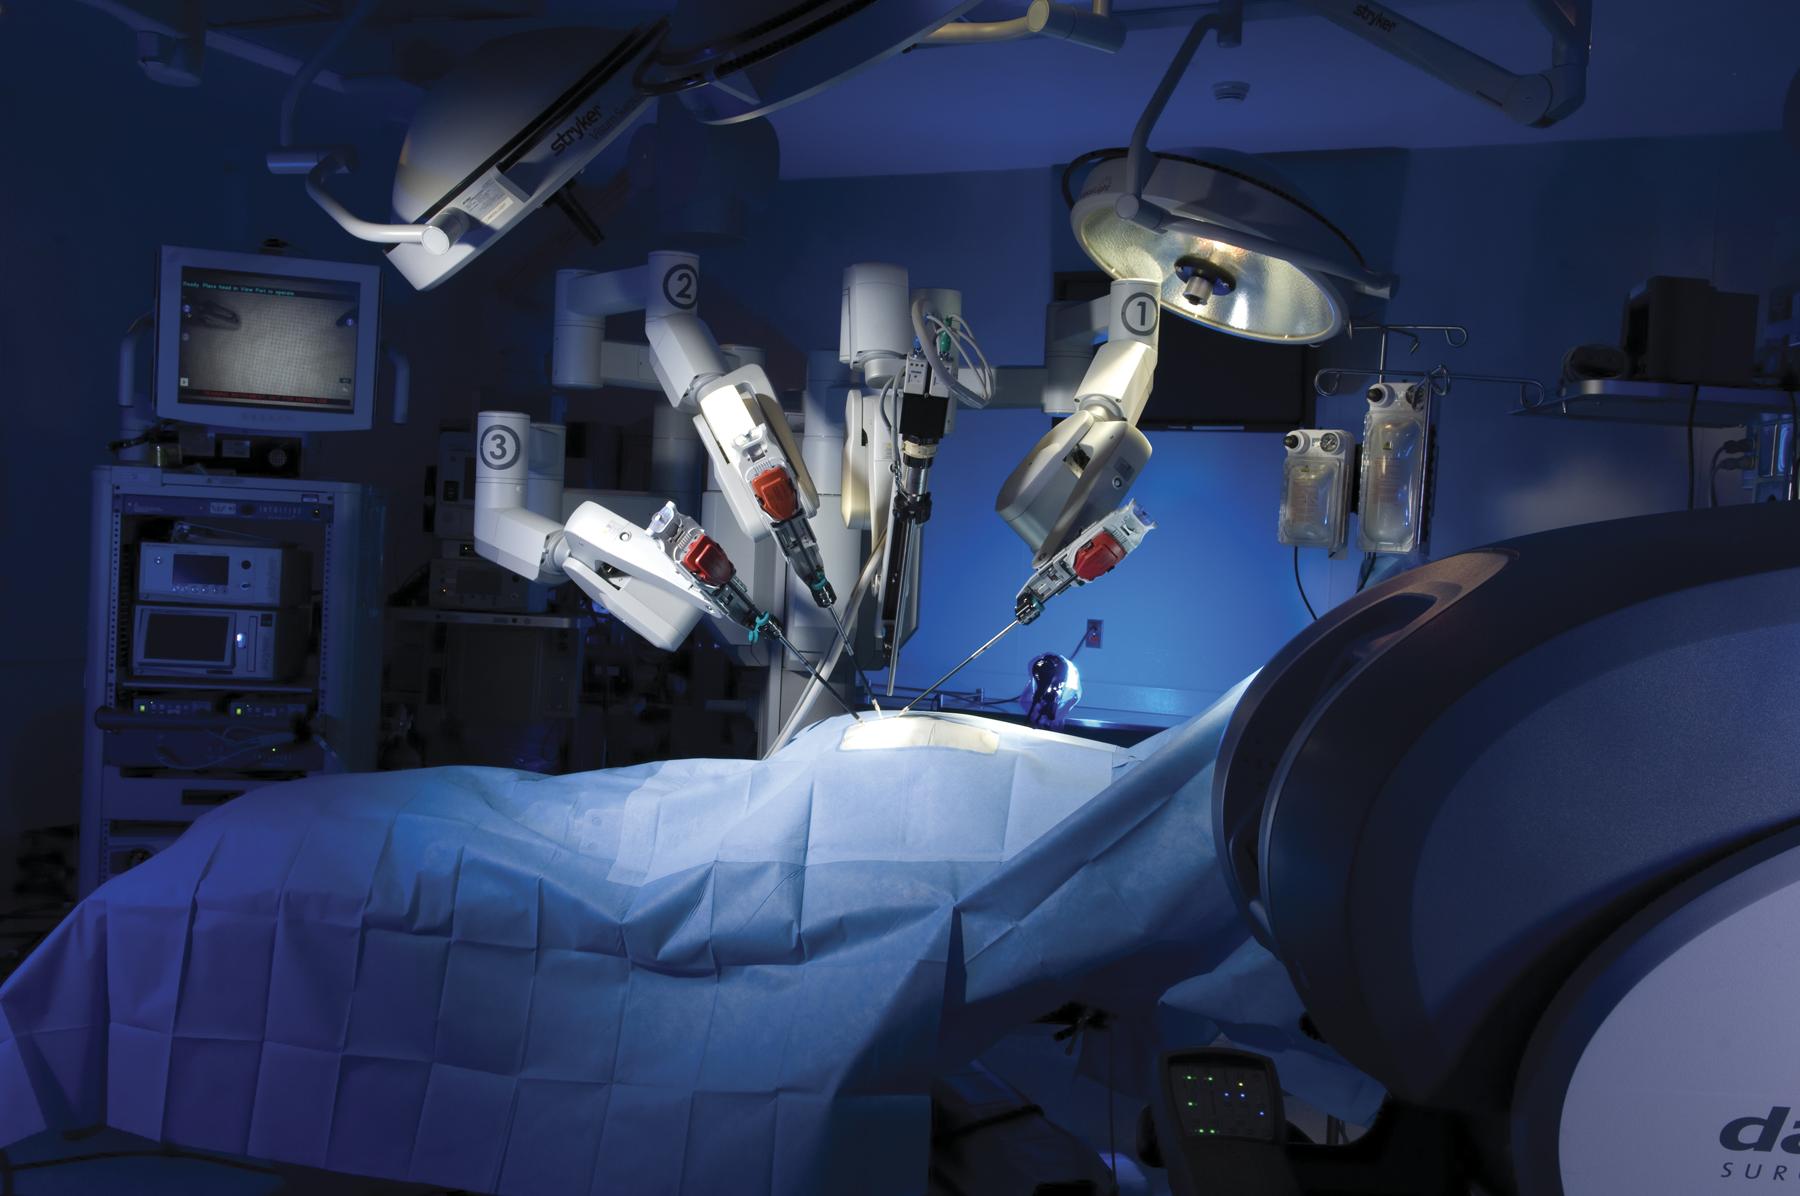 Ριζική Προστατεκτομή με το ρομποτικό σύστημα da vinci